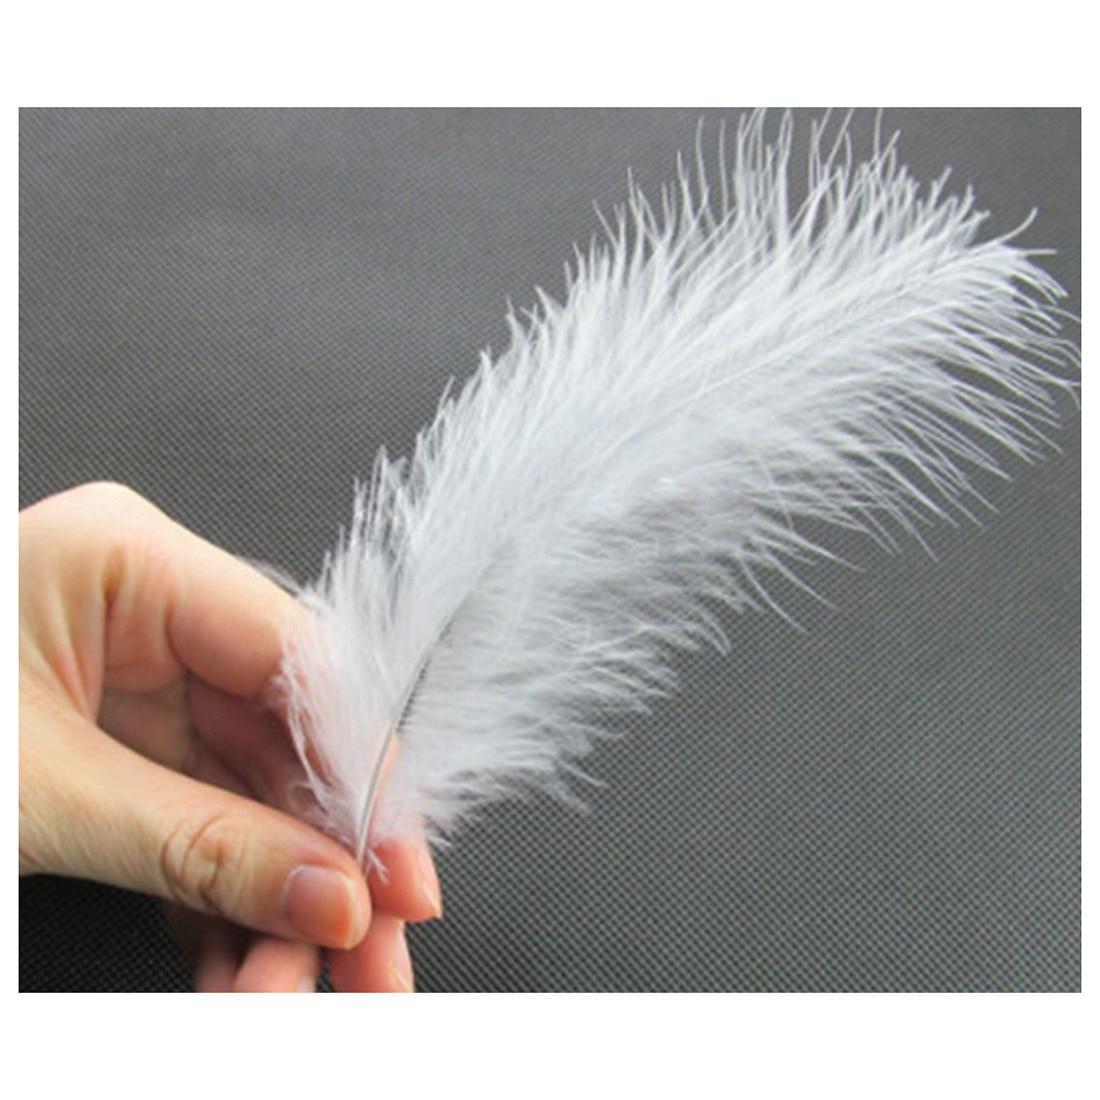 8-15 см 100 шт белые пушистые перья вечерние украшения для свадьбы украшения своими руками декоративные аксессуары перья